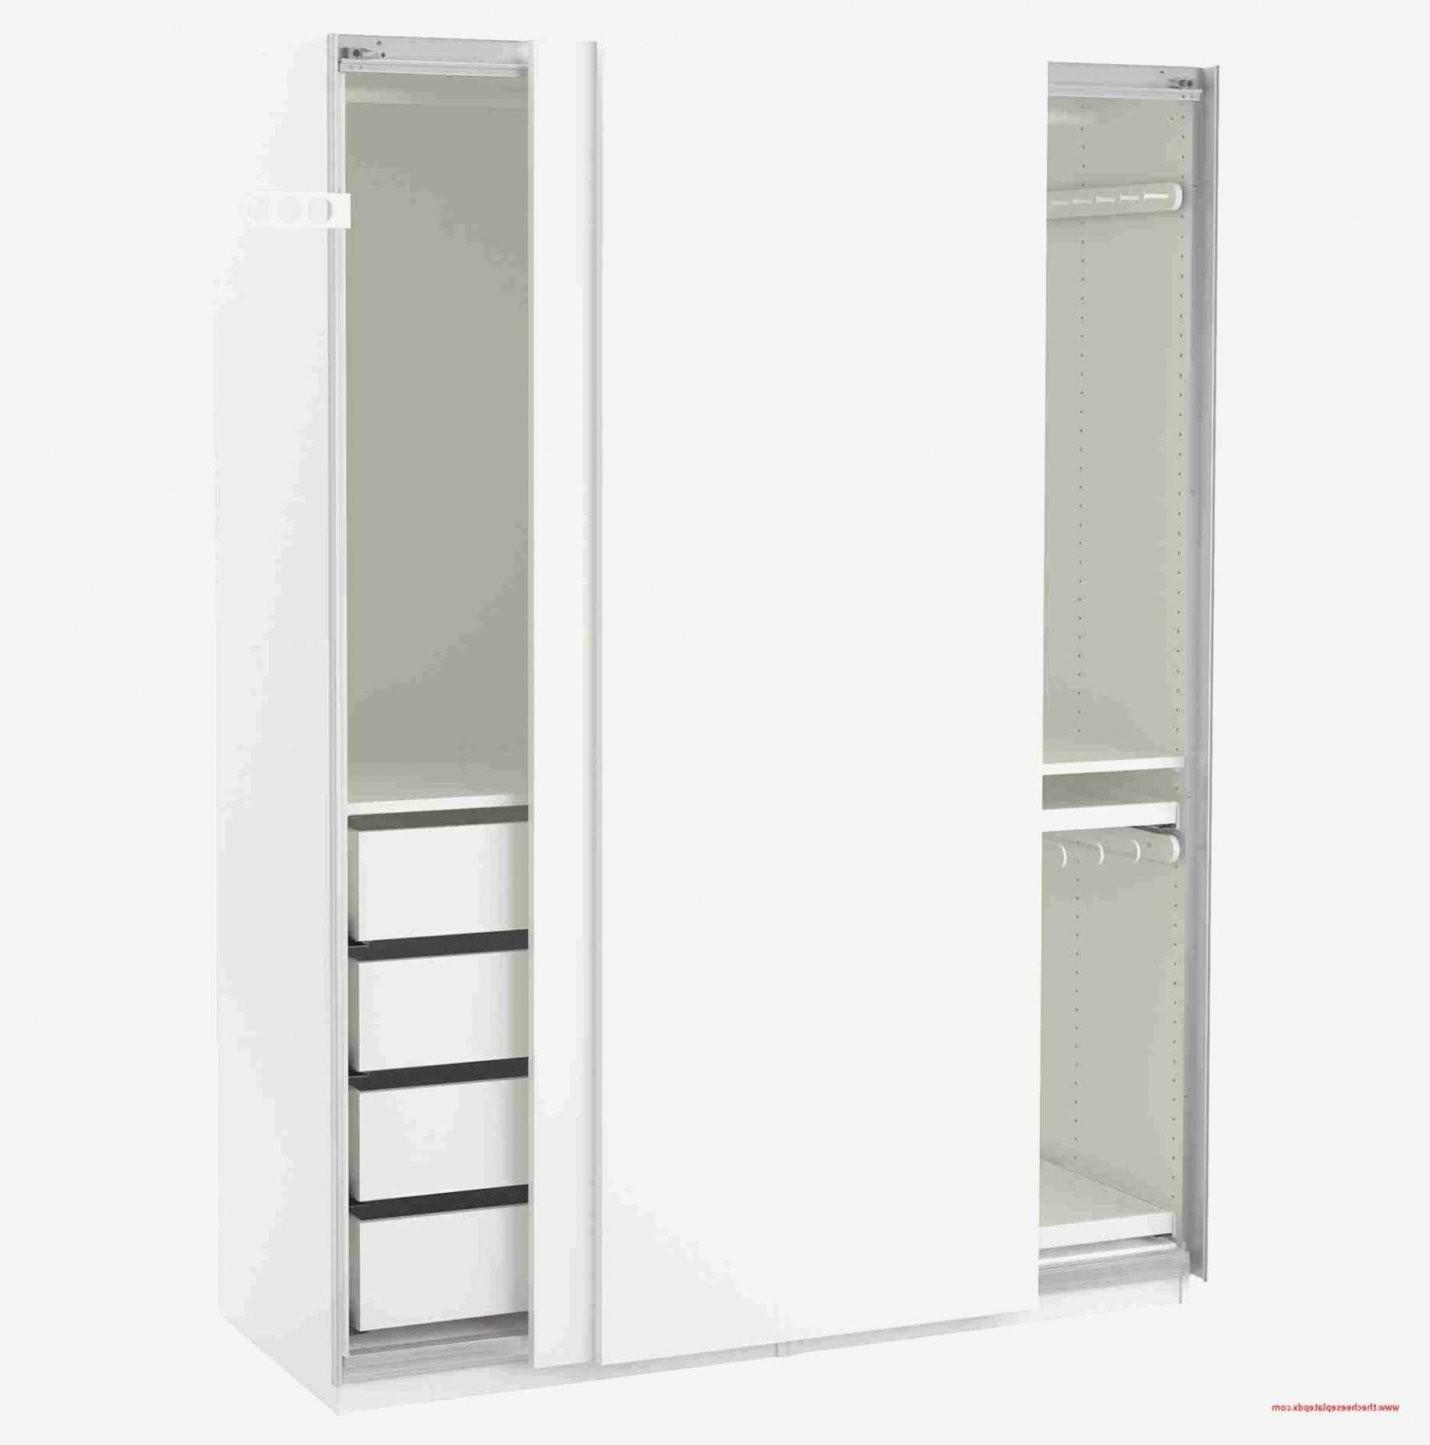 Schmaler Schrank 25 Cm Breit  Cabinetworlddesign von Kommode 20 Cm Breit Bild